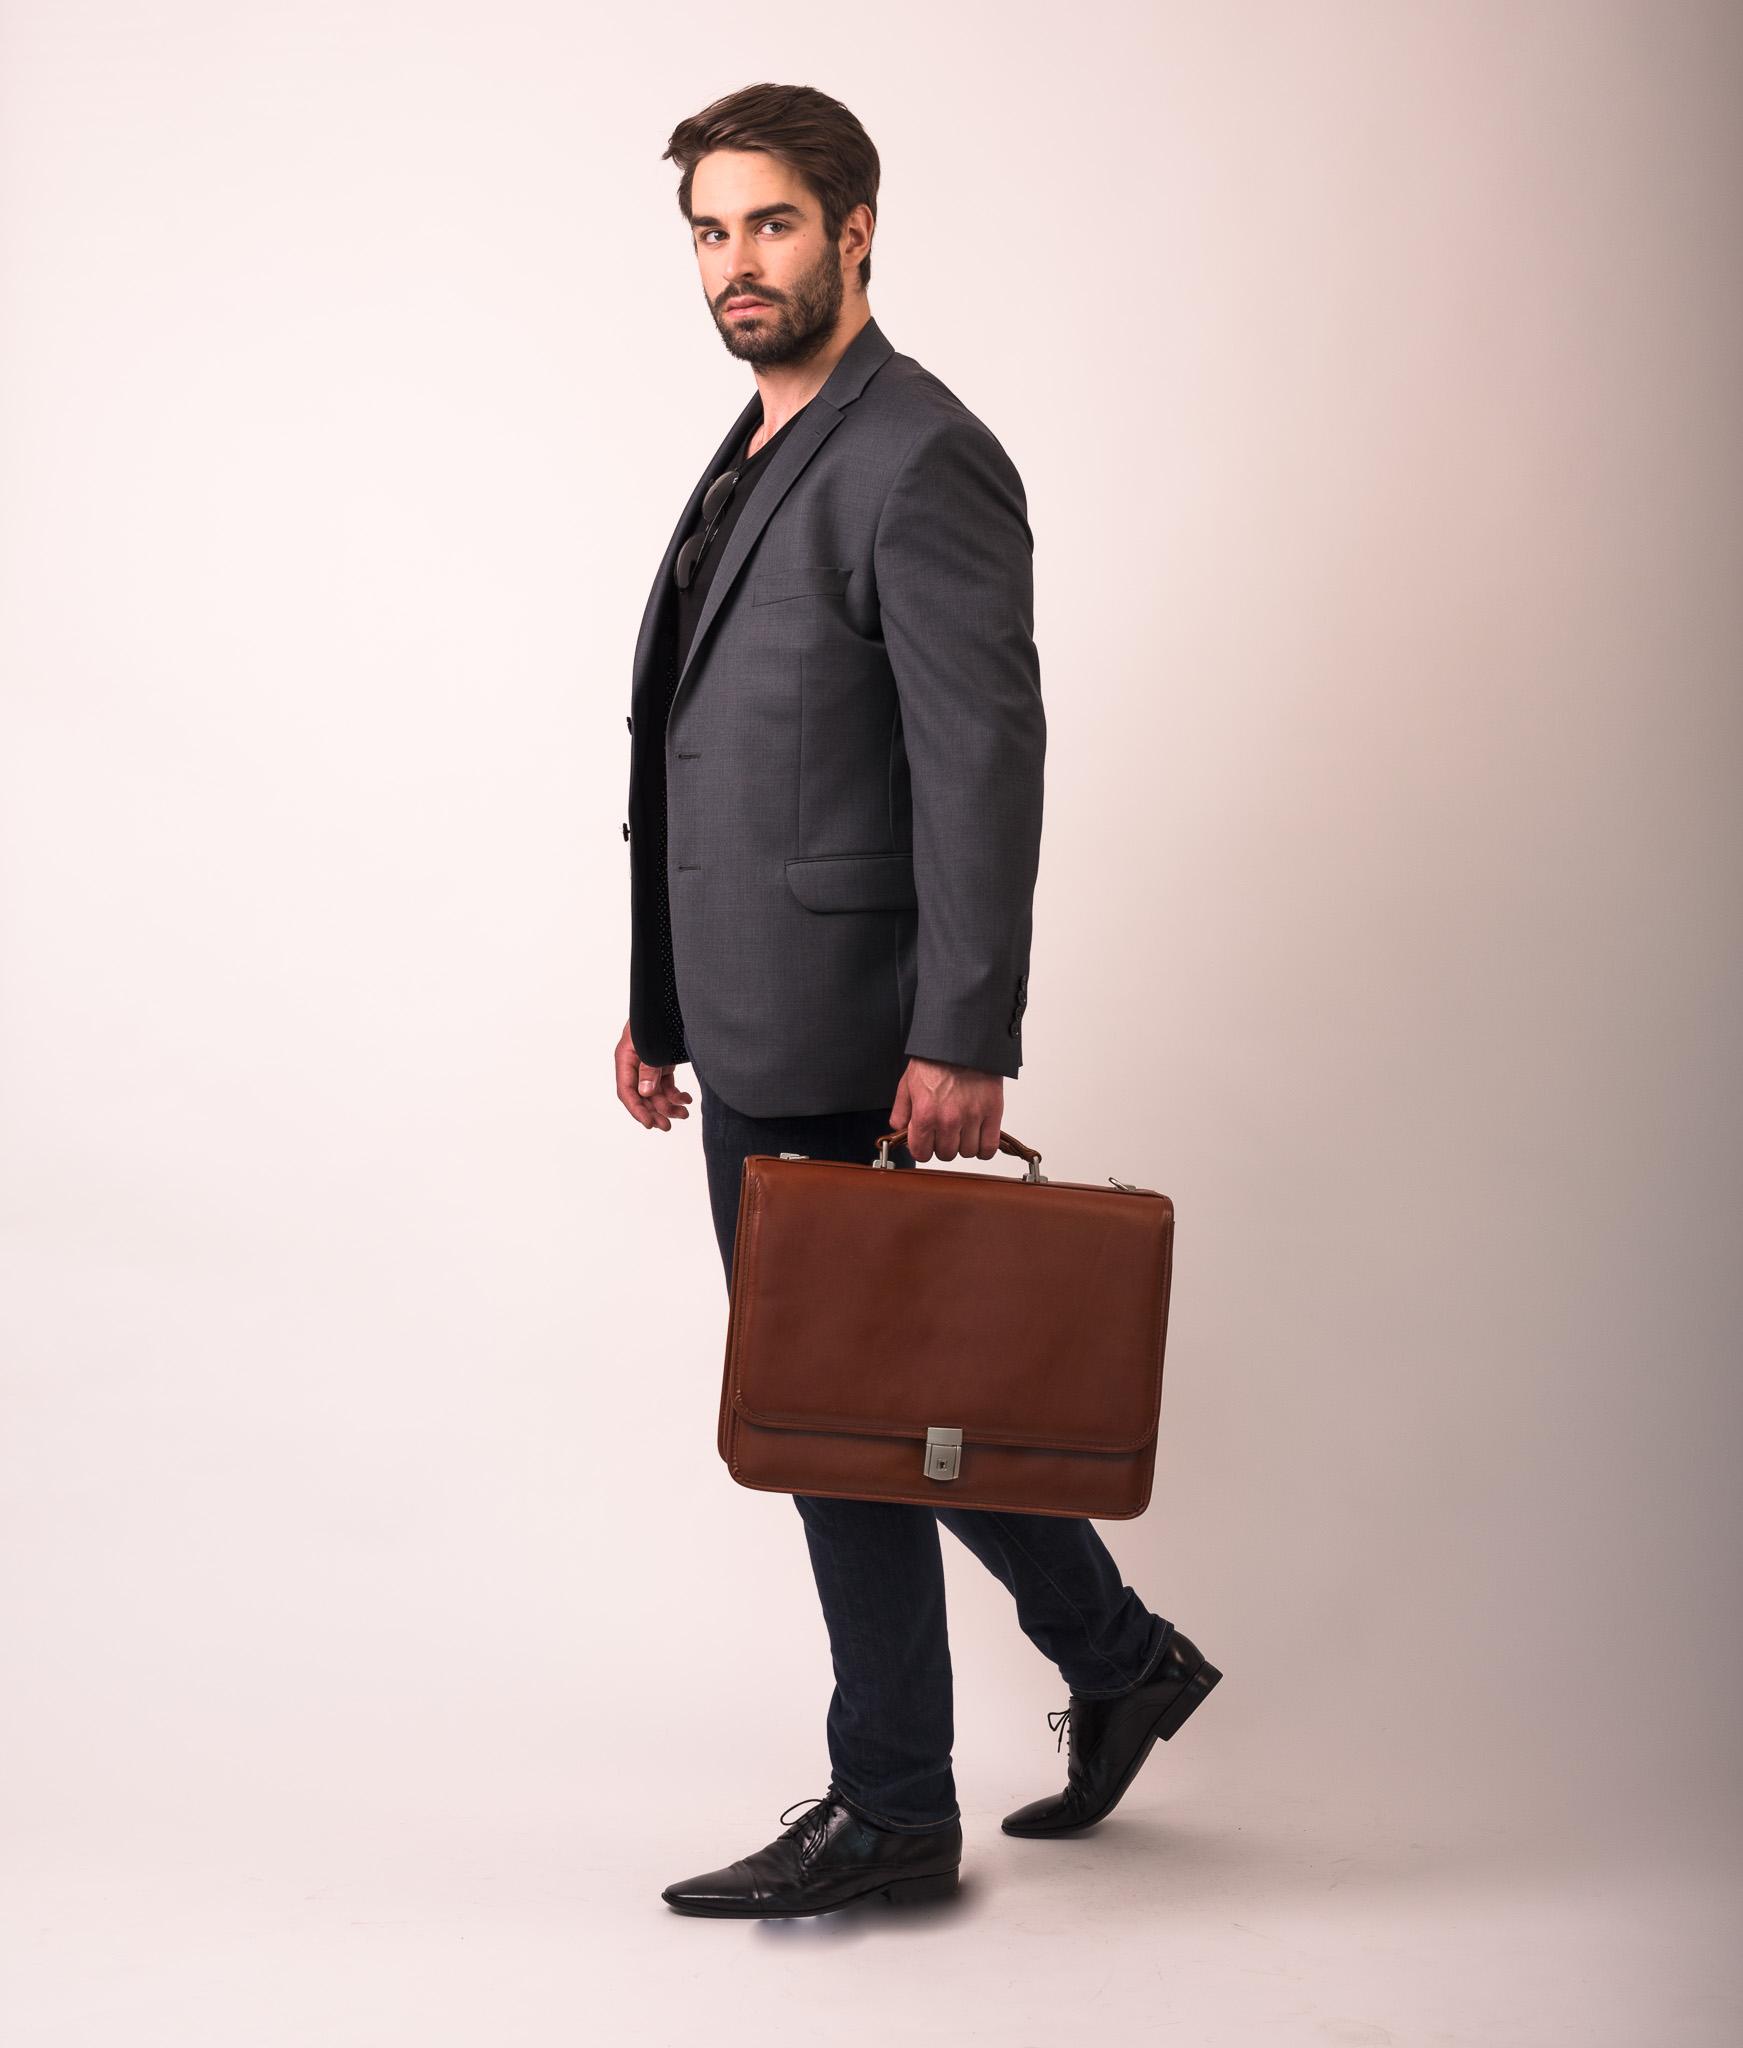 Luksusowa brązowa teczka dla prawnika